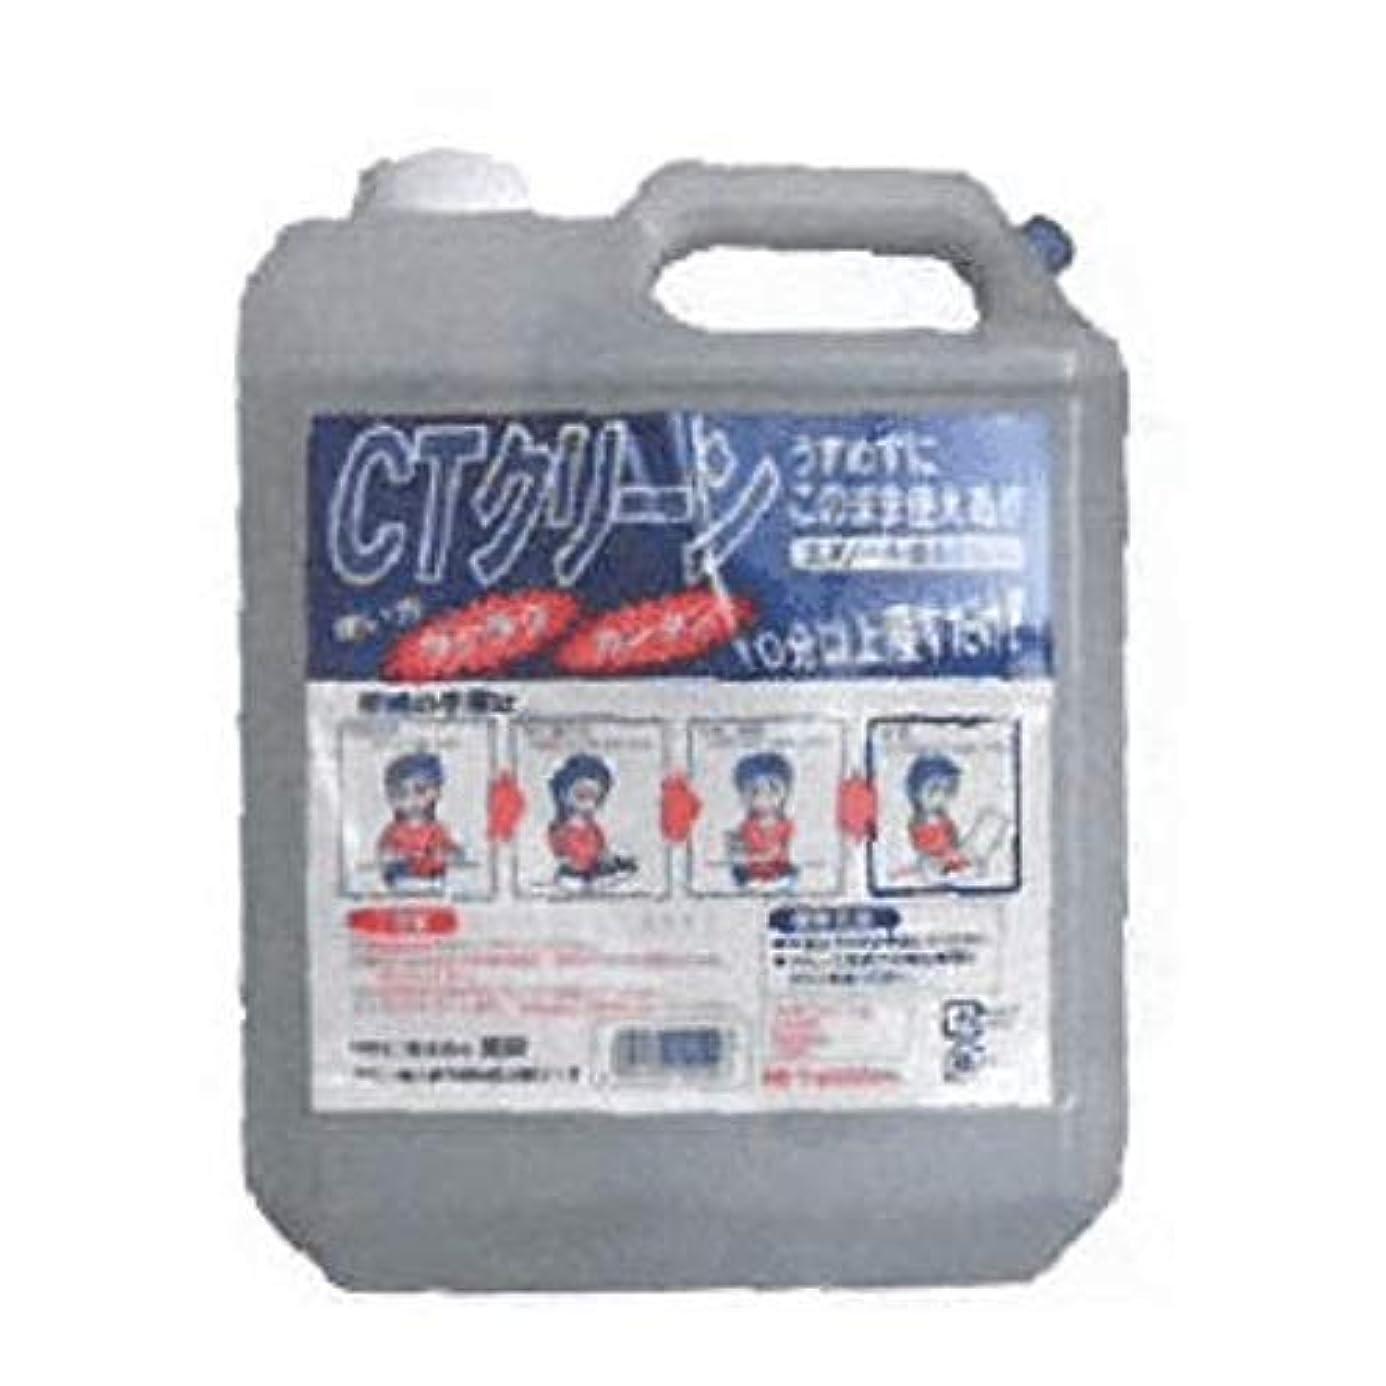 法律により急襲雇用除菌用エタノール液 CTクリーン 4000ml